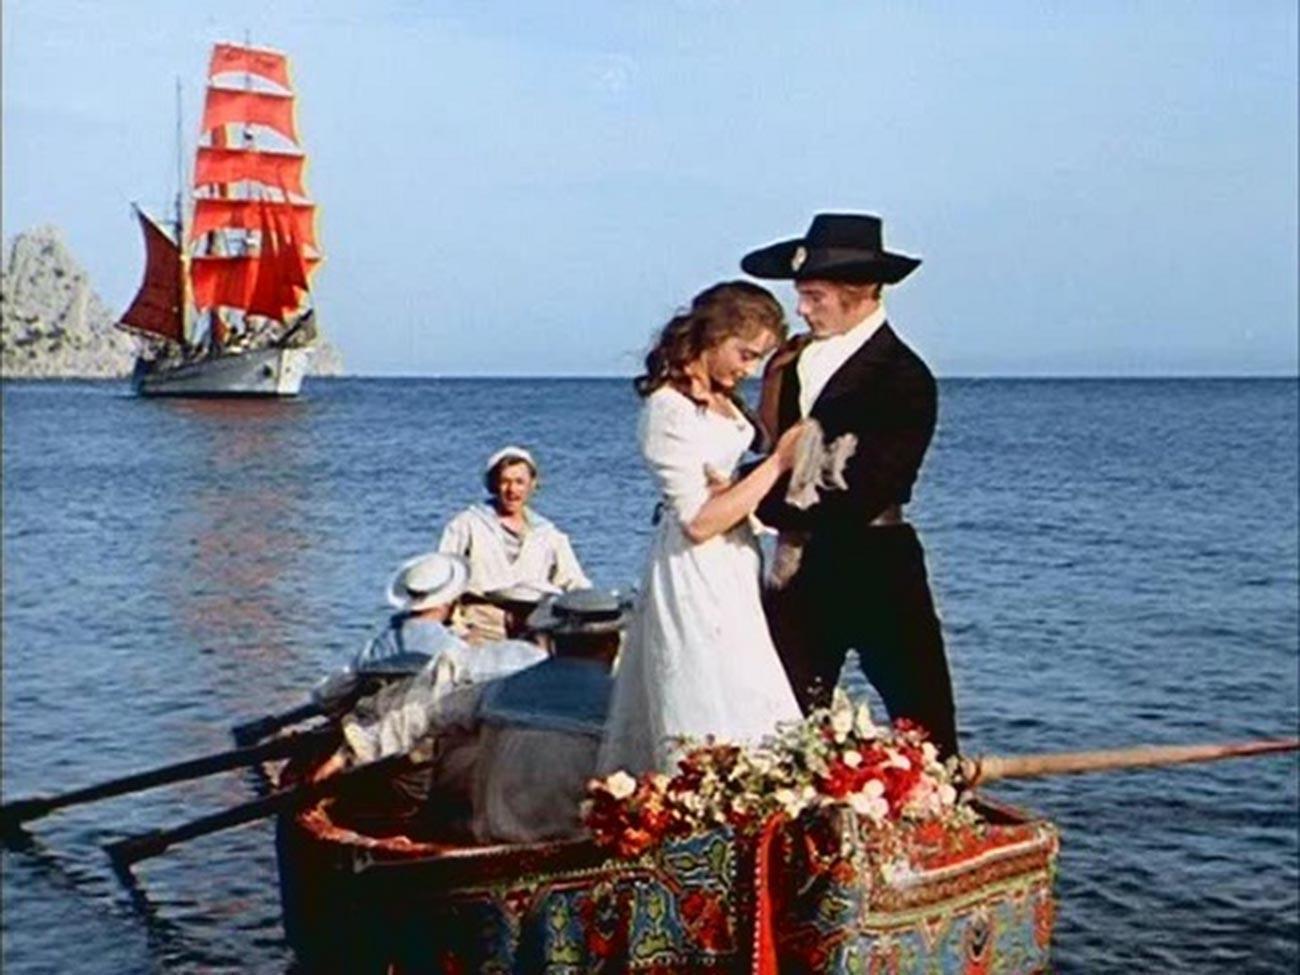 映画『赤い帆』